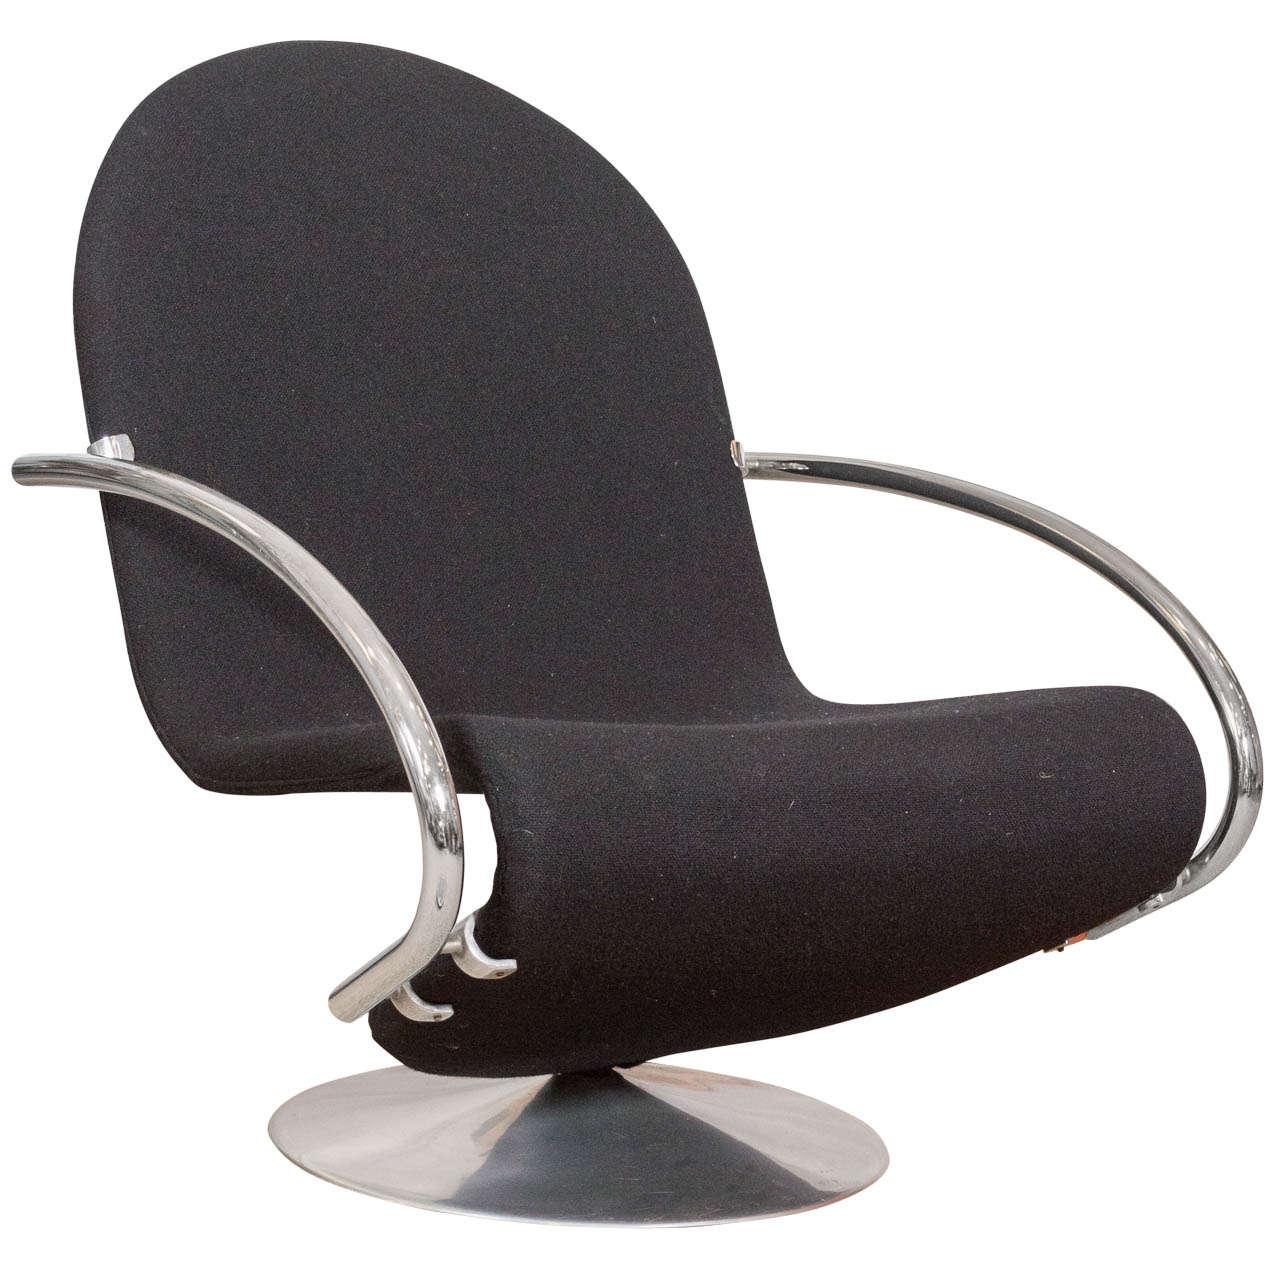 verner panton system 123 model e lounge chair for fritz hansen at 1stdibs. Black Bedroom Furniture Sets. Home Design Ideas